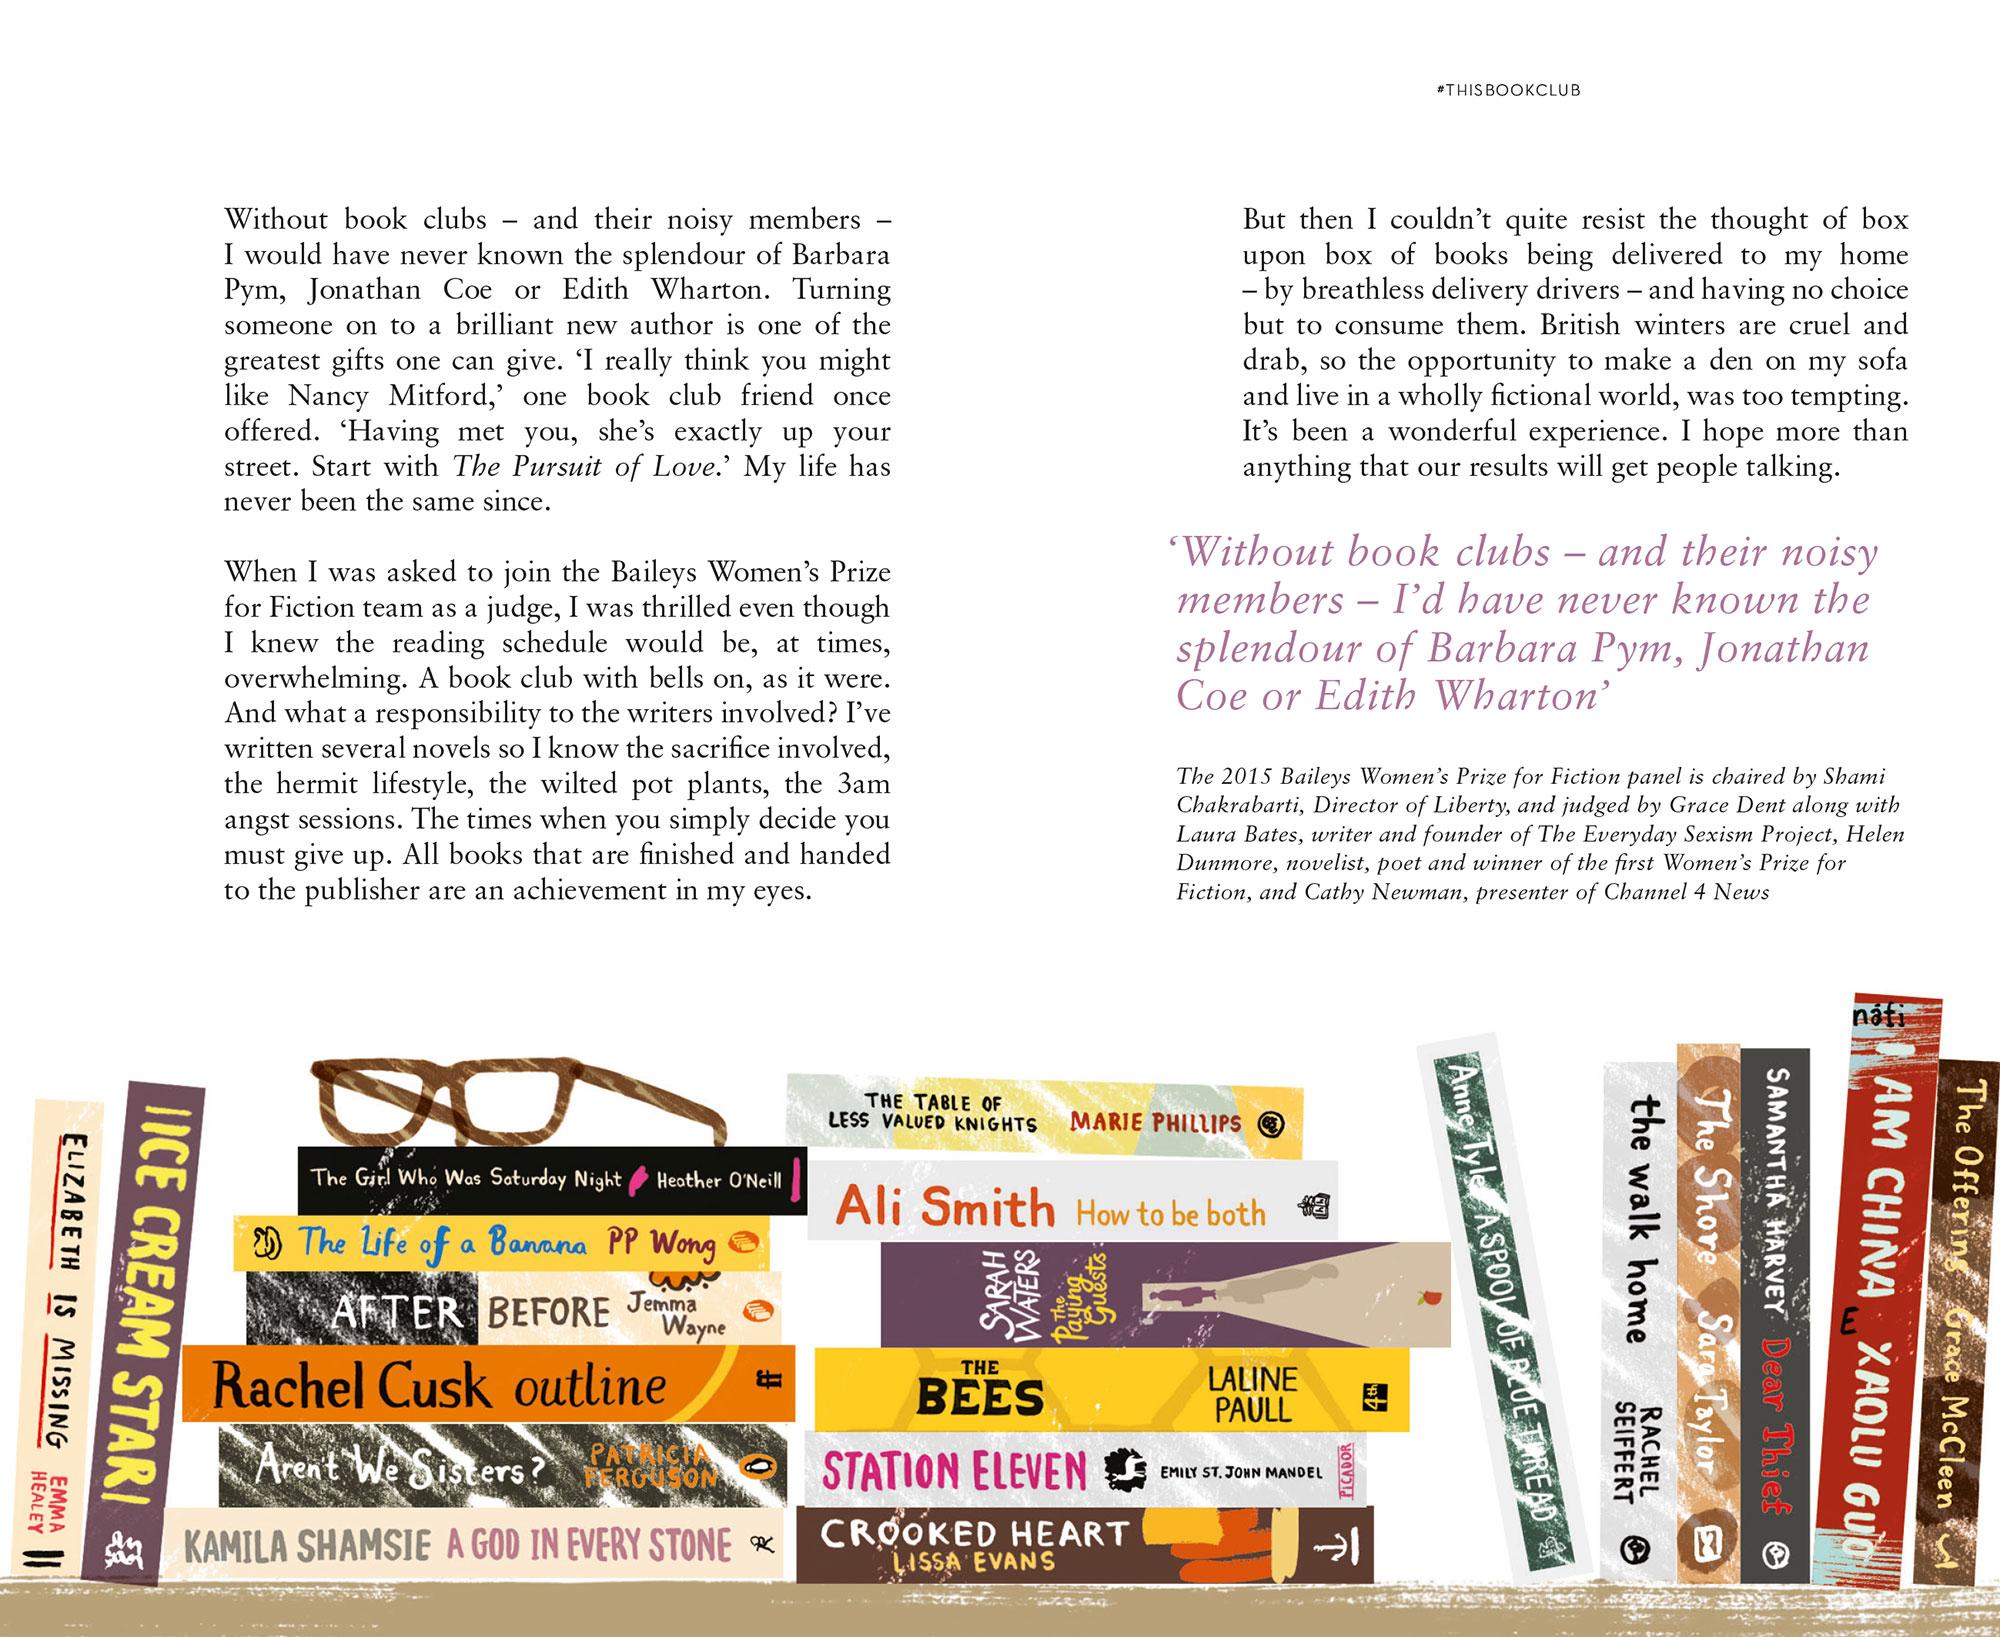 BAILEYS_BOOK_2.0-6.jpg